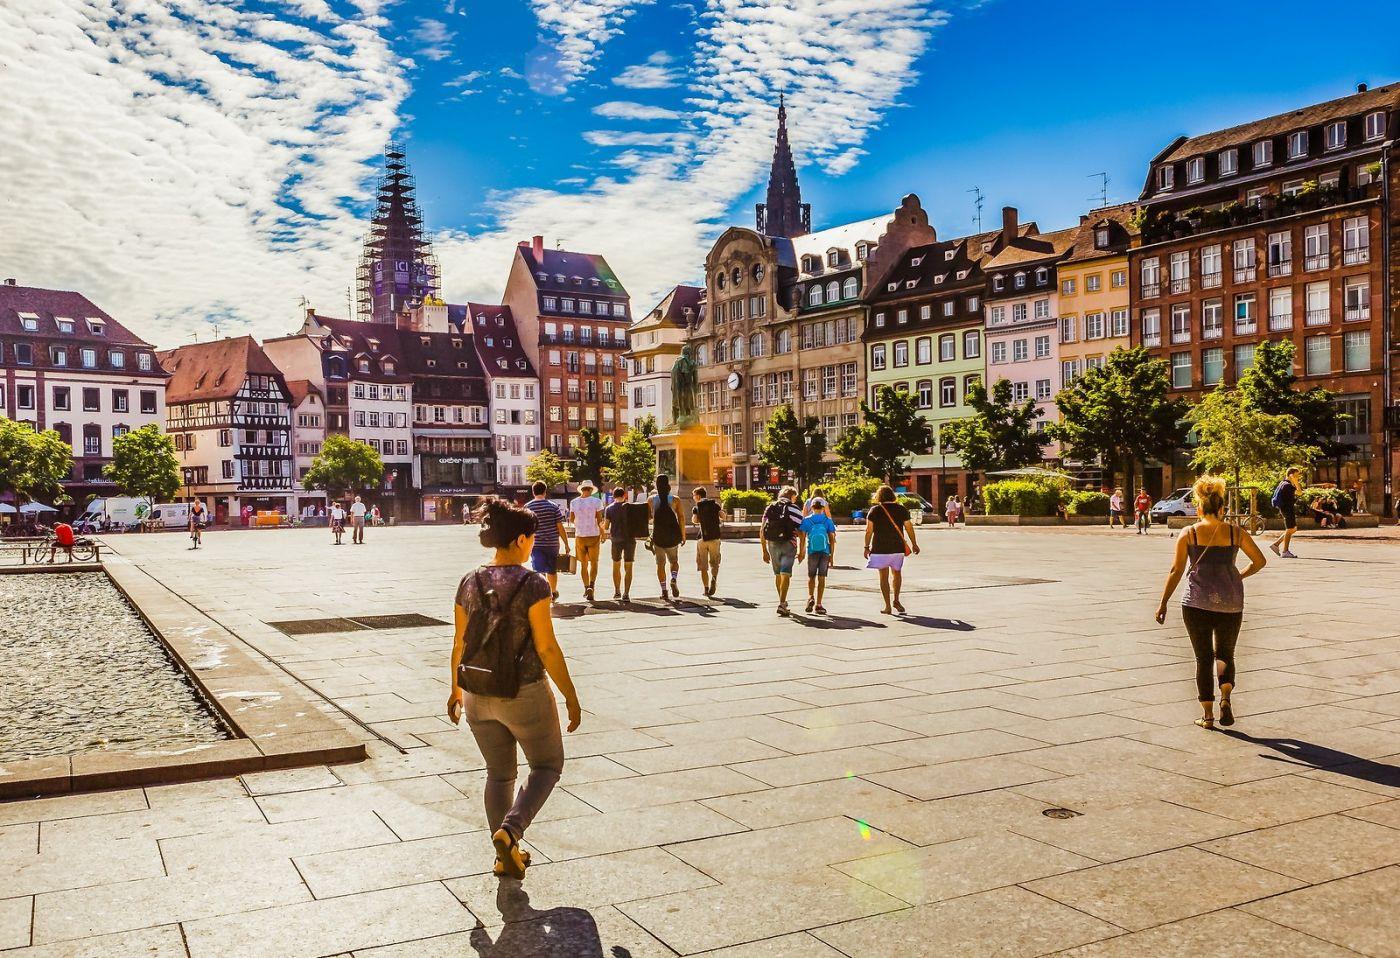 法国斯特拉斯堡(Strasbourg),边走边拍_图1-35